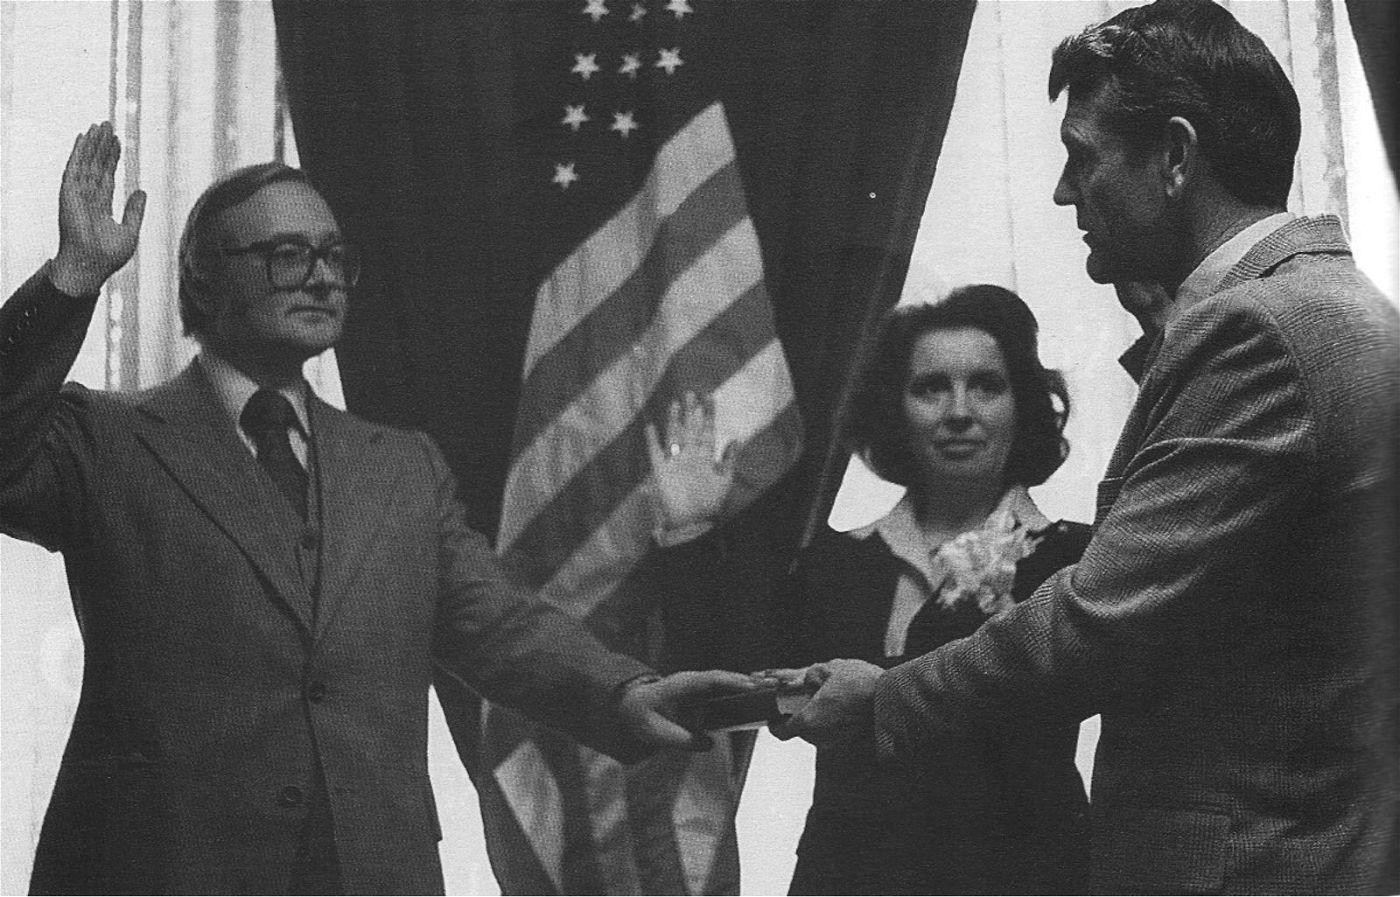 Mitte der 70er-Jahre wurden Imants Lesinskis (links) und seine Tochter US-Bürger.